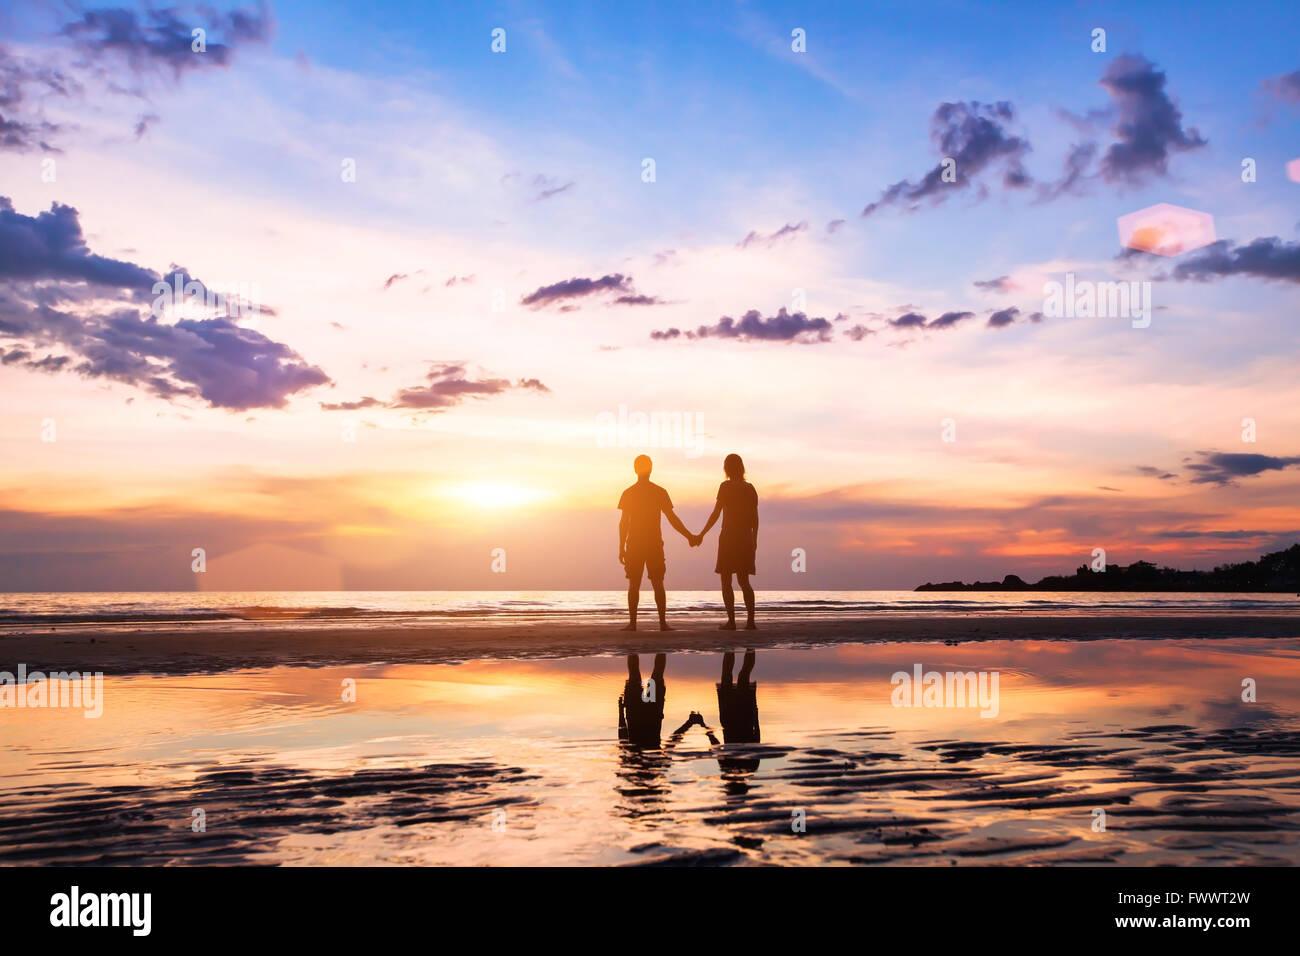 Pareja romántica en la playa al anochecer, siluetas de hombre y mujer juntos Imagen De Stock